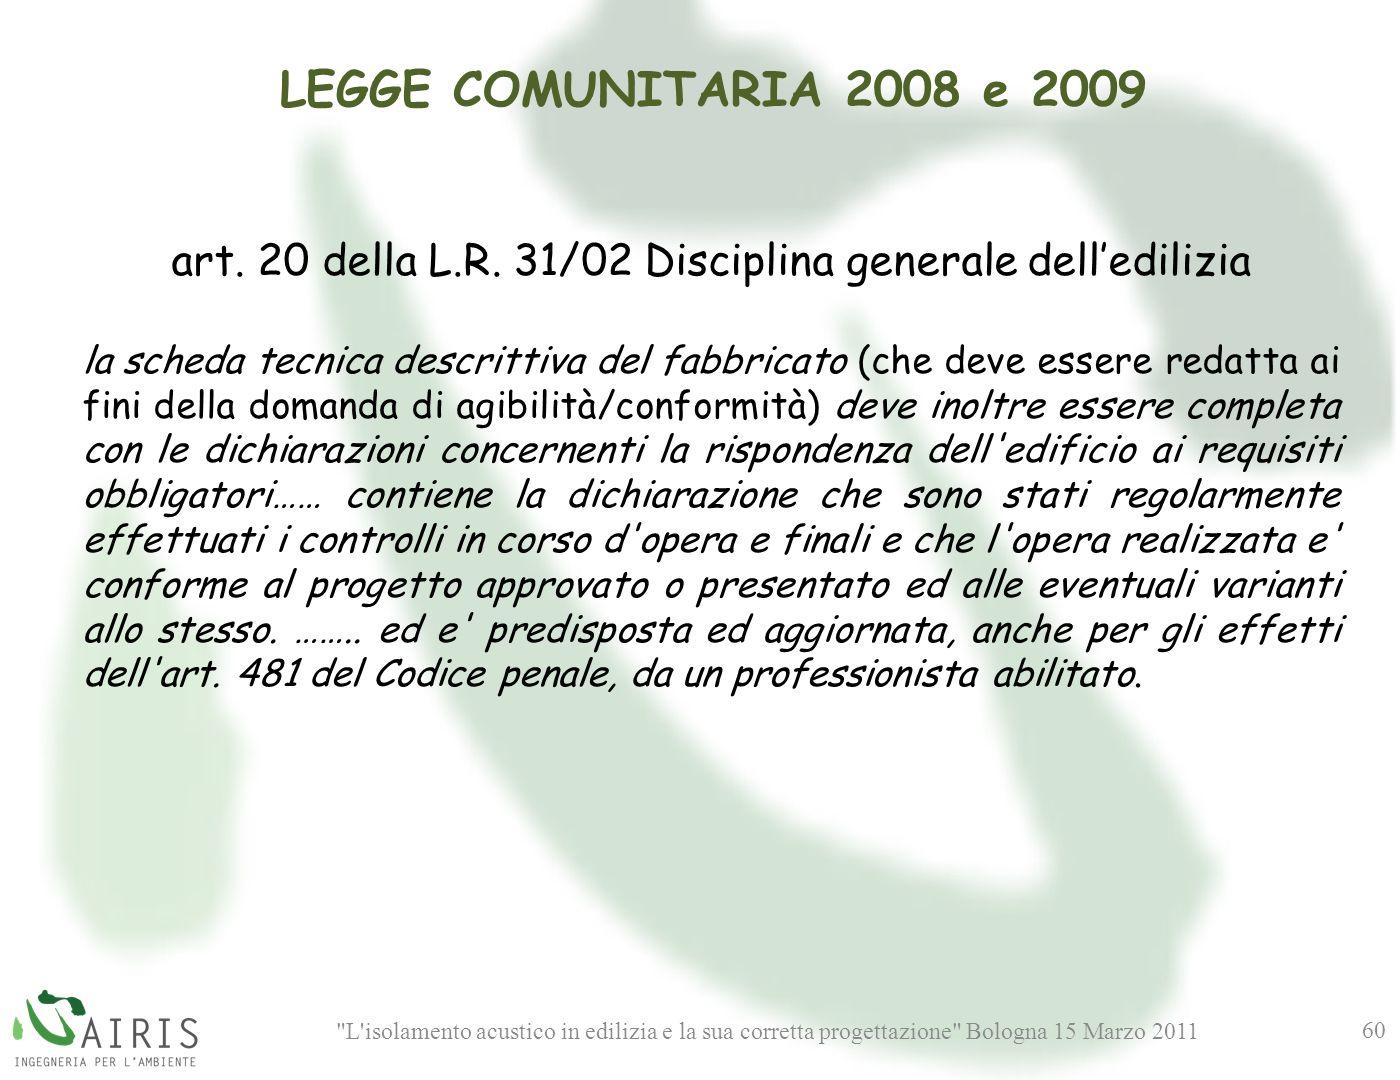 L isolamento acustico in edilizia e la sua corretta progettazione Bologna 15 Marzo 2011 60 LEGGE COMUNITARIA 2008 e 2009 art.